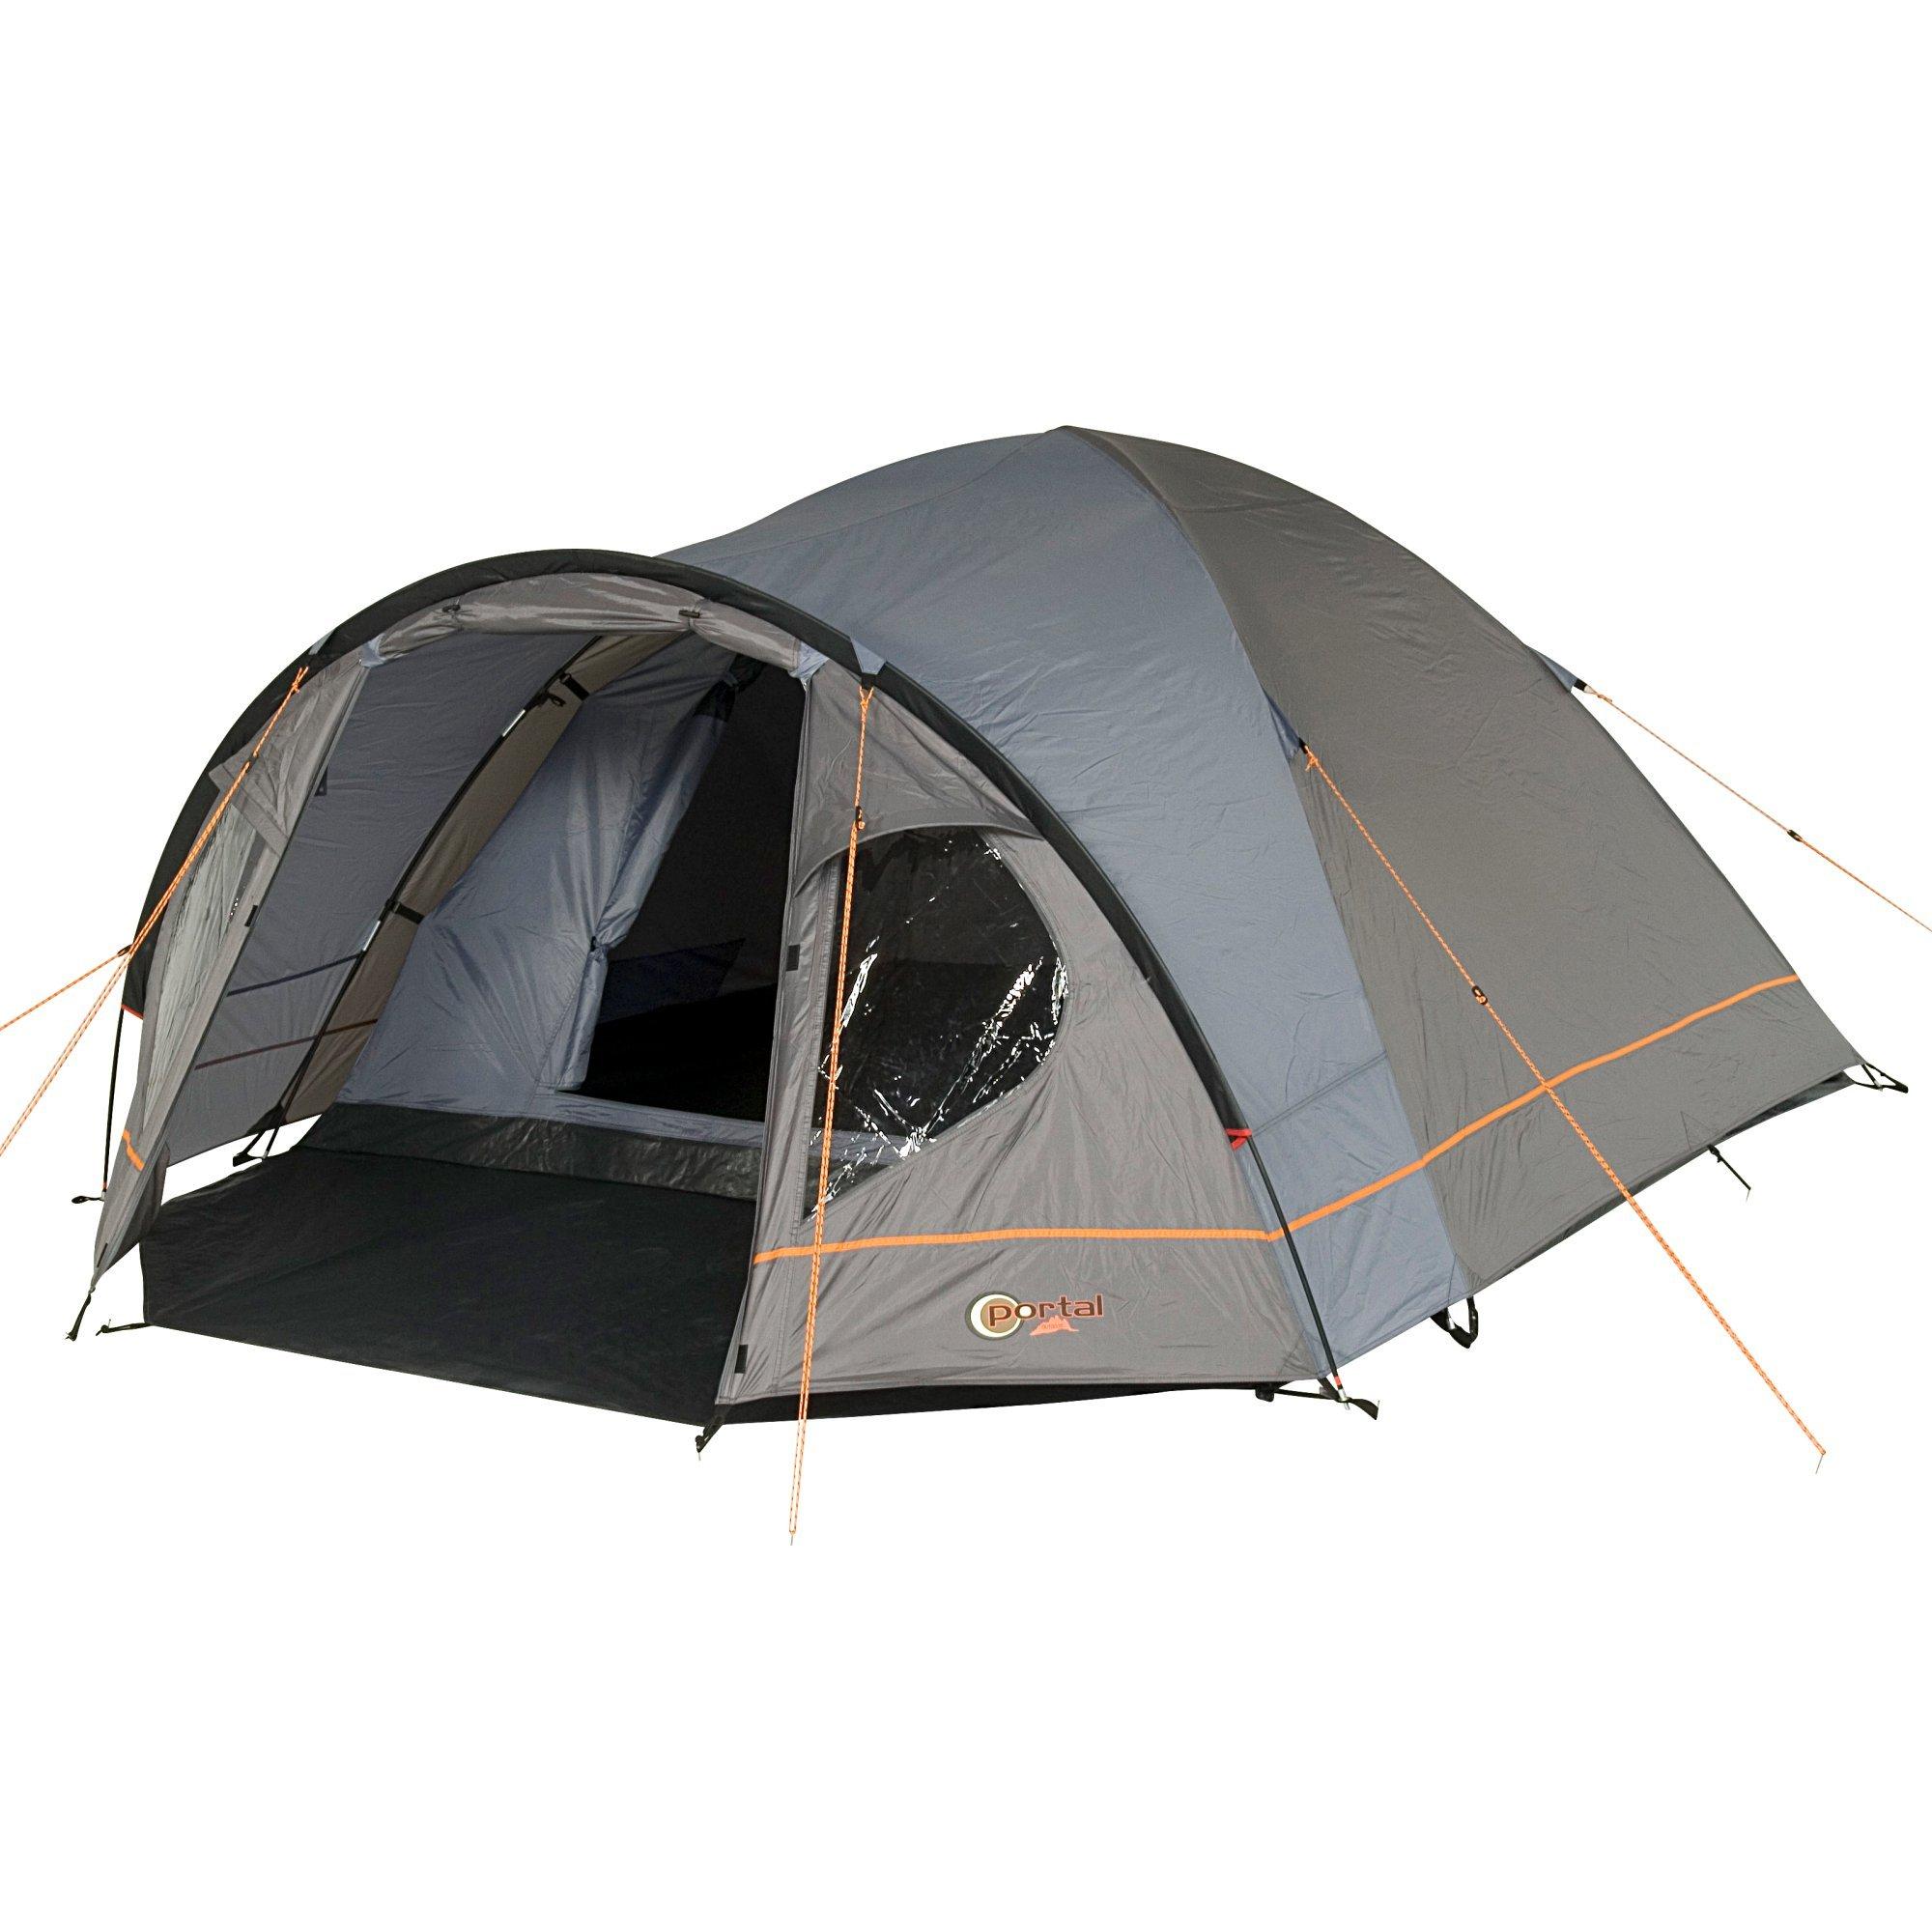 Portal de Camping Tienda Zeta 4 Tienda de campaña de cúpula con Cabina de Descanso para